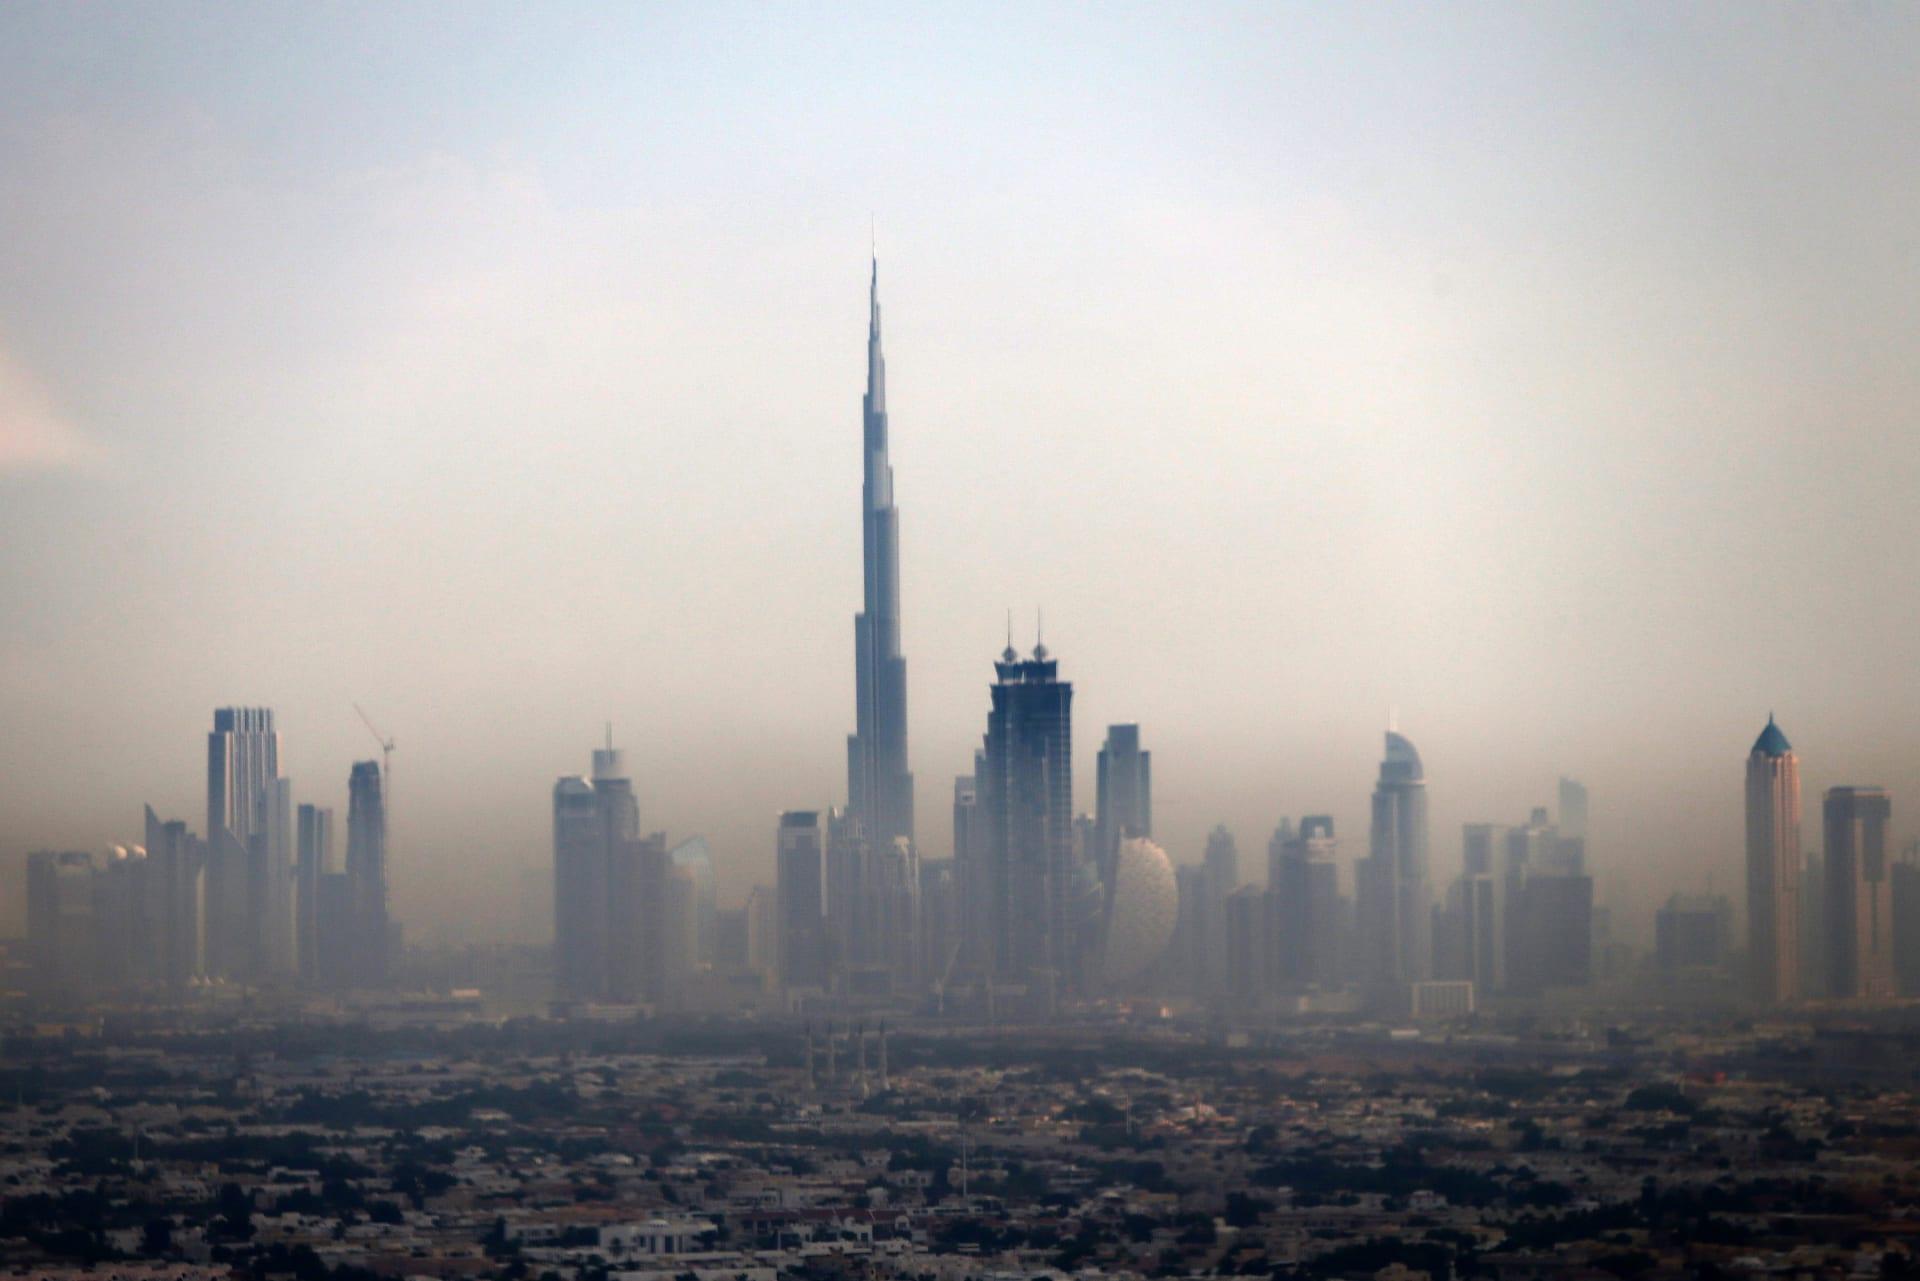 صحف العالم: تحسن في اقتصاد دبي برغم مخاطر محدقة